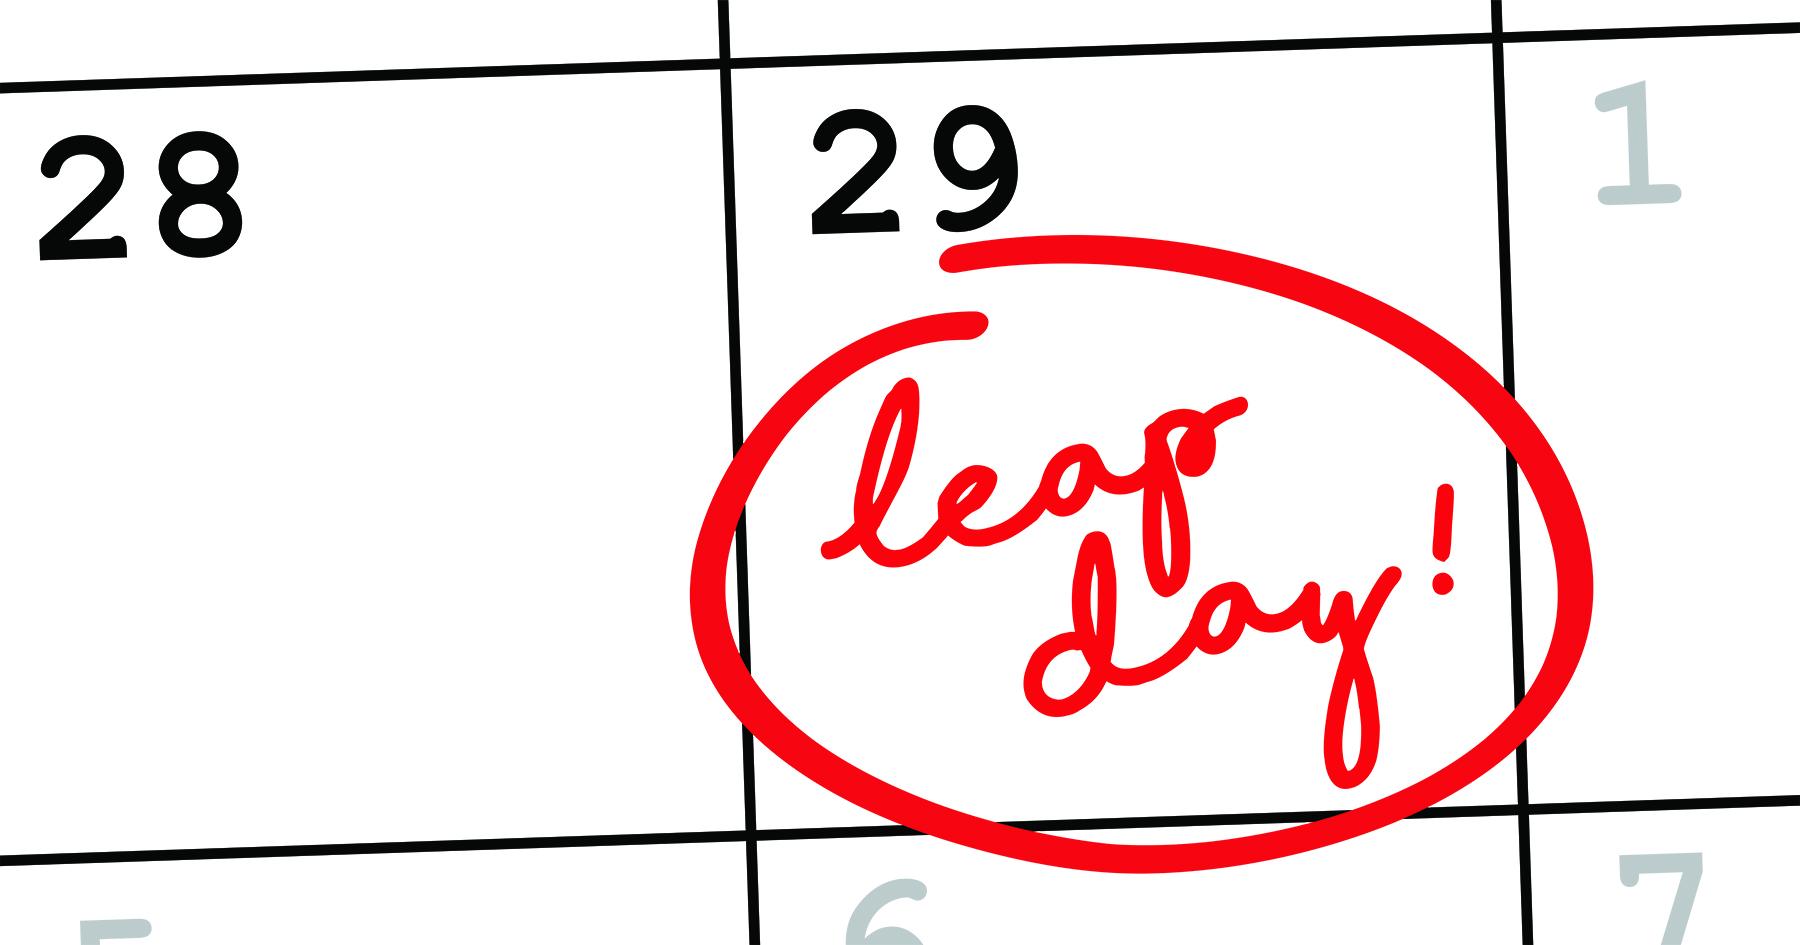 leap day Shutterstock